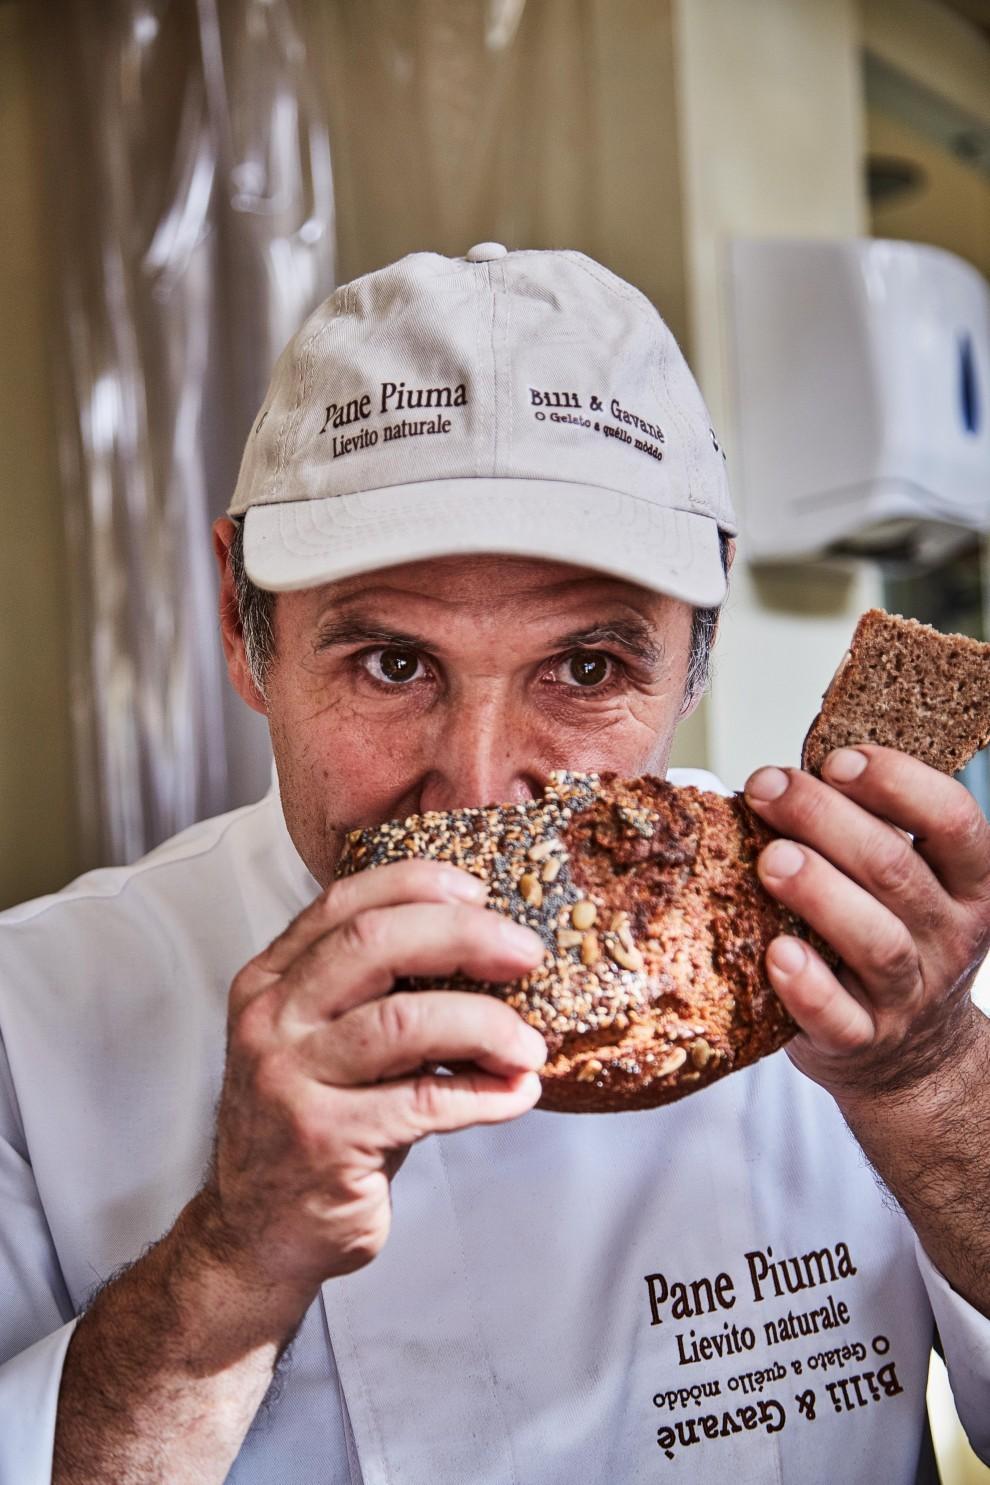 Il pane profuma. Più forte e intenso sarà questo sentore, più la sua bontà sarà certa. Il pane è il miracolo quotidiano, è il cibo dei ricchi e dei poveri, è la presenza discreta su ogni tavola. Il pane si ama e basta.